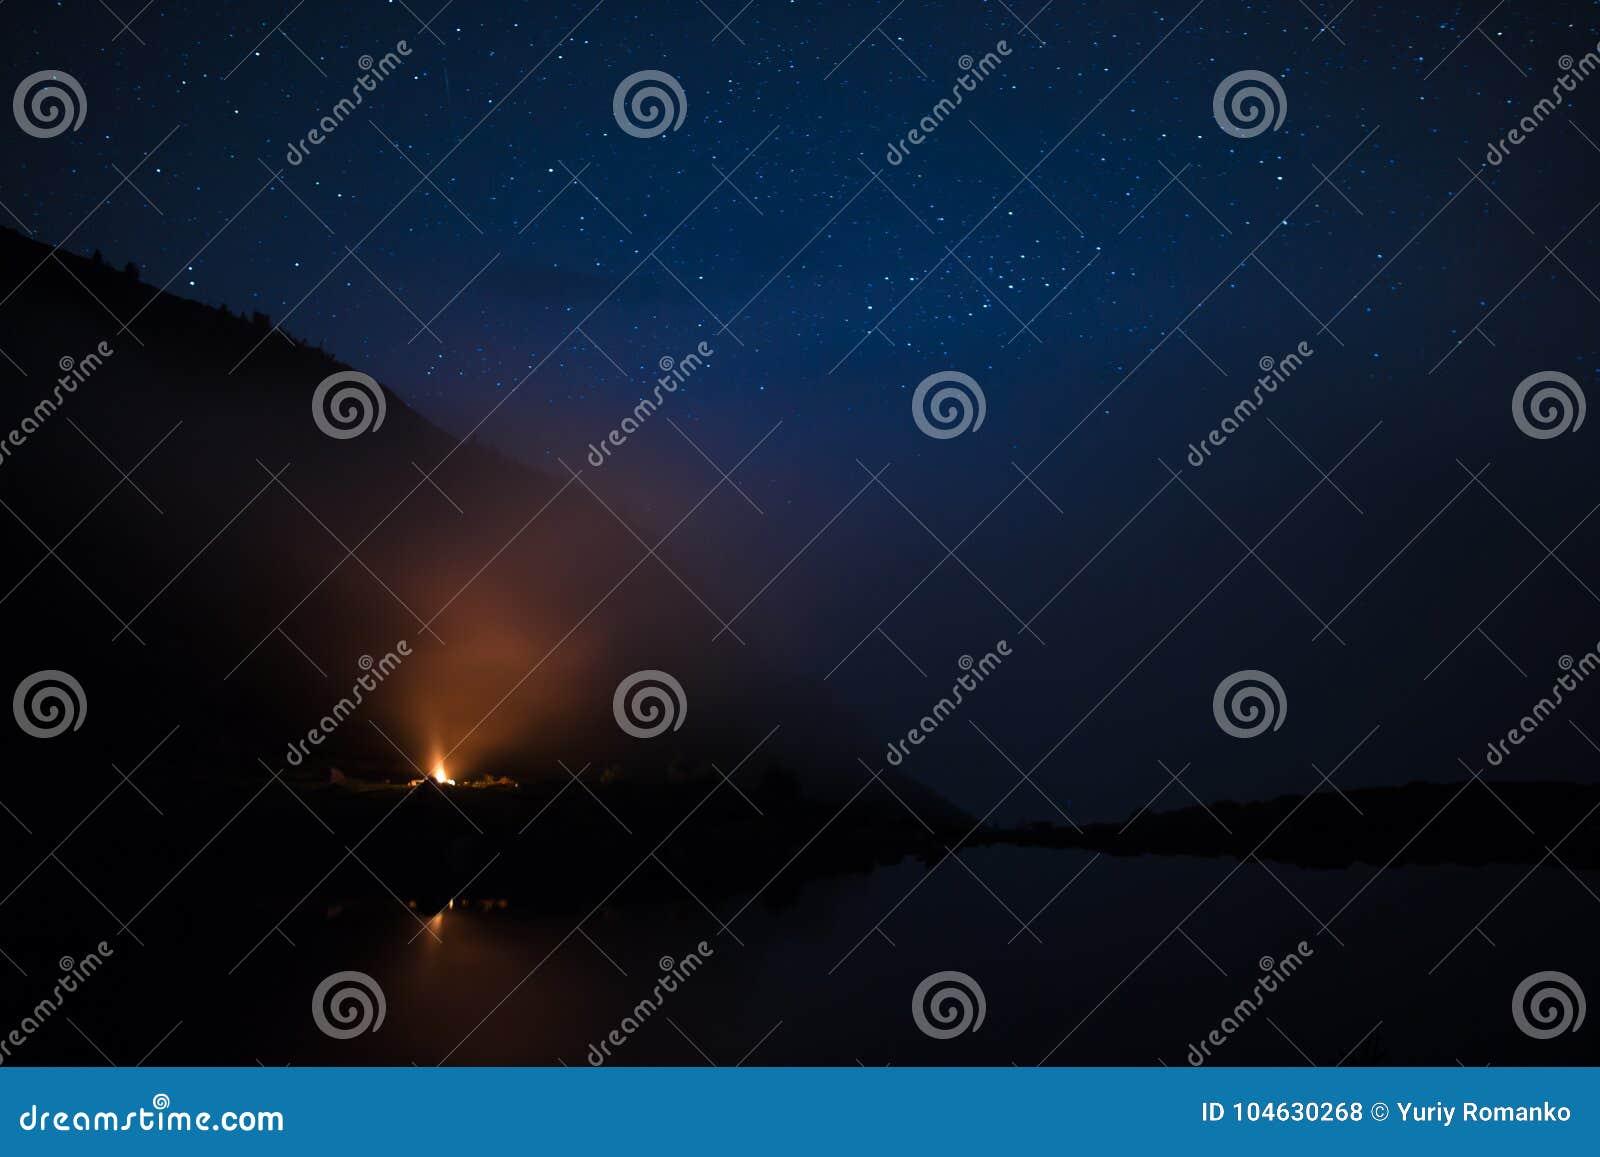 Download Landschap Op De Kust Van Het Meer In De Karpaten Bij De Nacht Met Vuur Stock Foto - Afbeelding bestaande uit toerisme, avontuur: 104630268